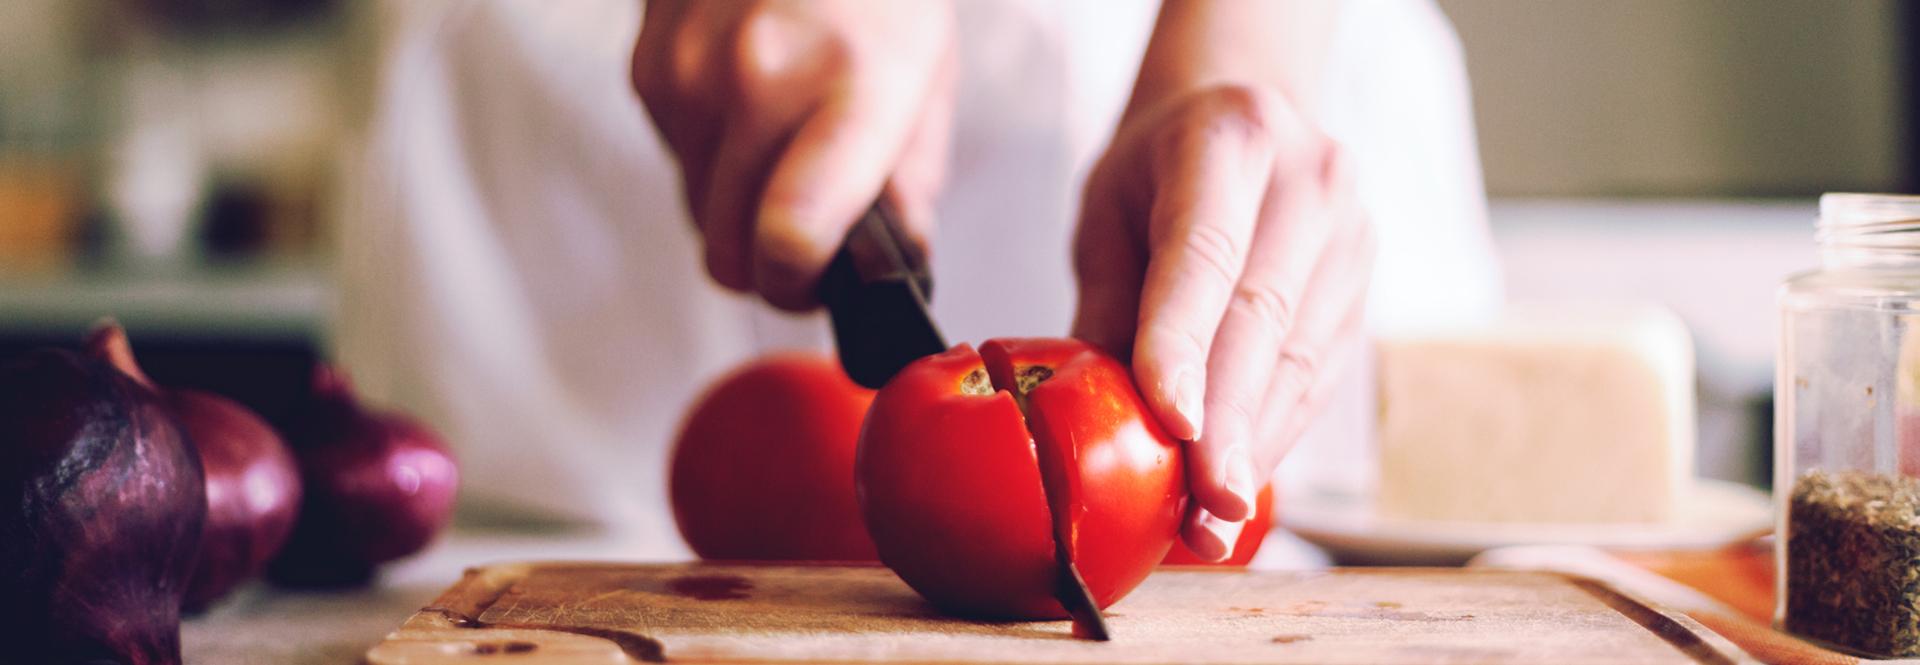 Mains de femme coupant une tomate